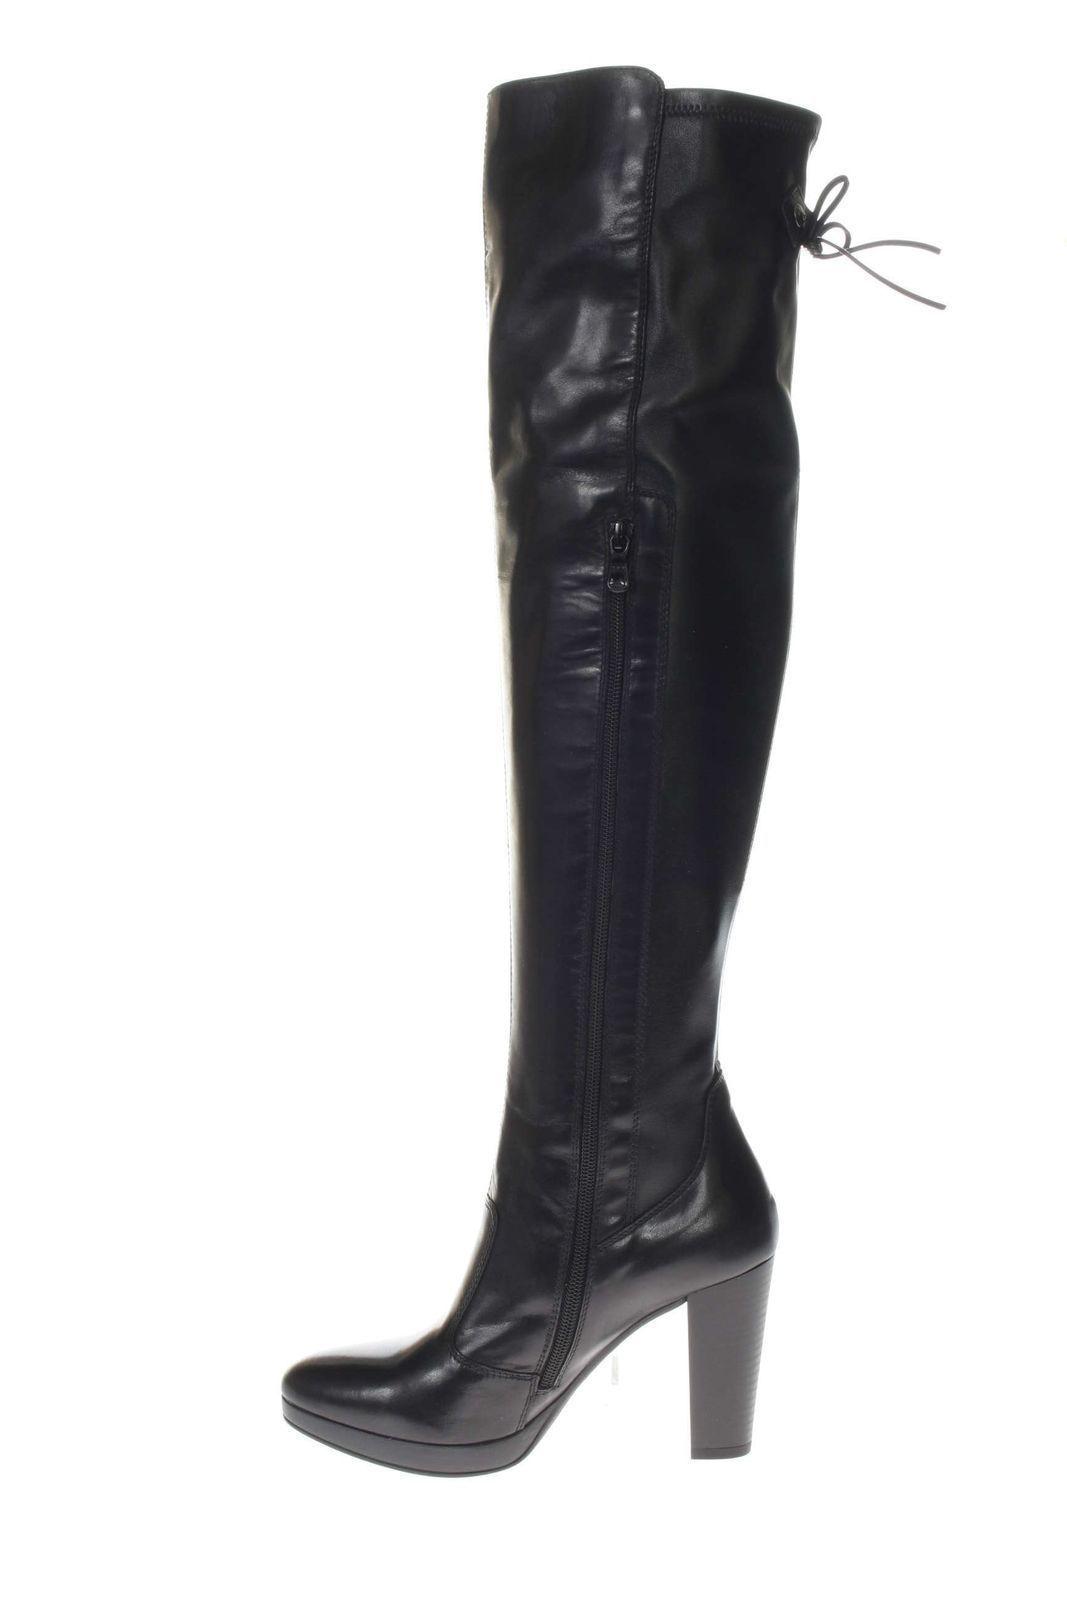 Acquista Stivali sopra il ginocchio neri. su La Boutique del